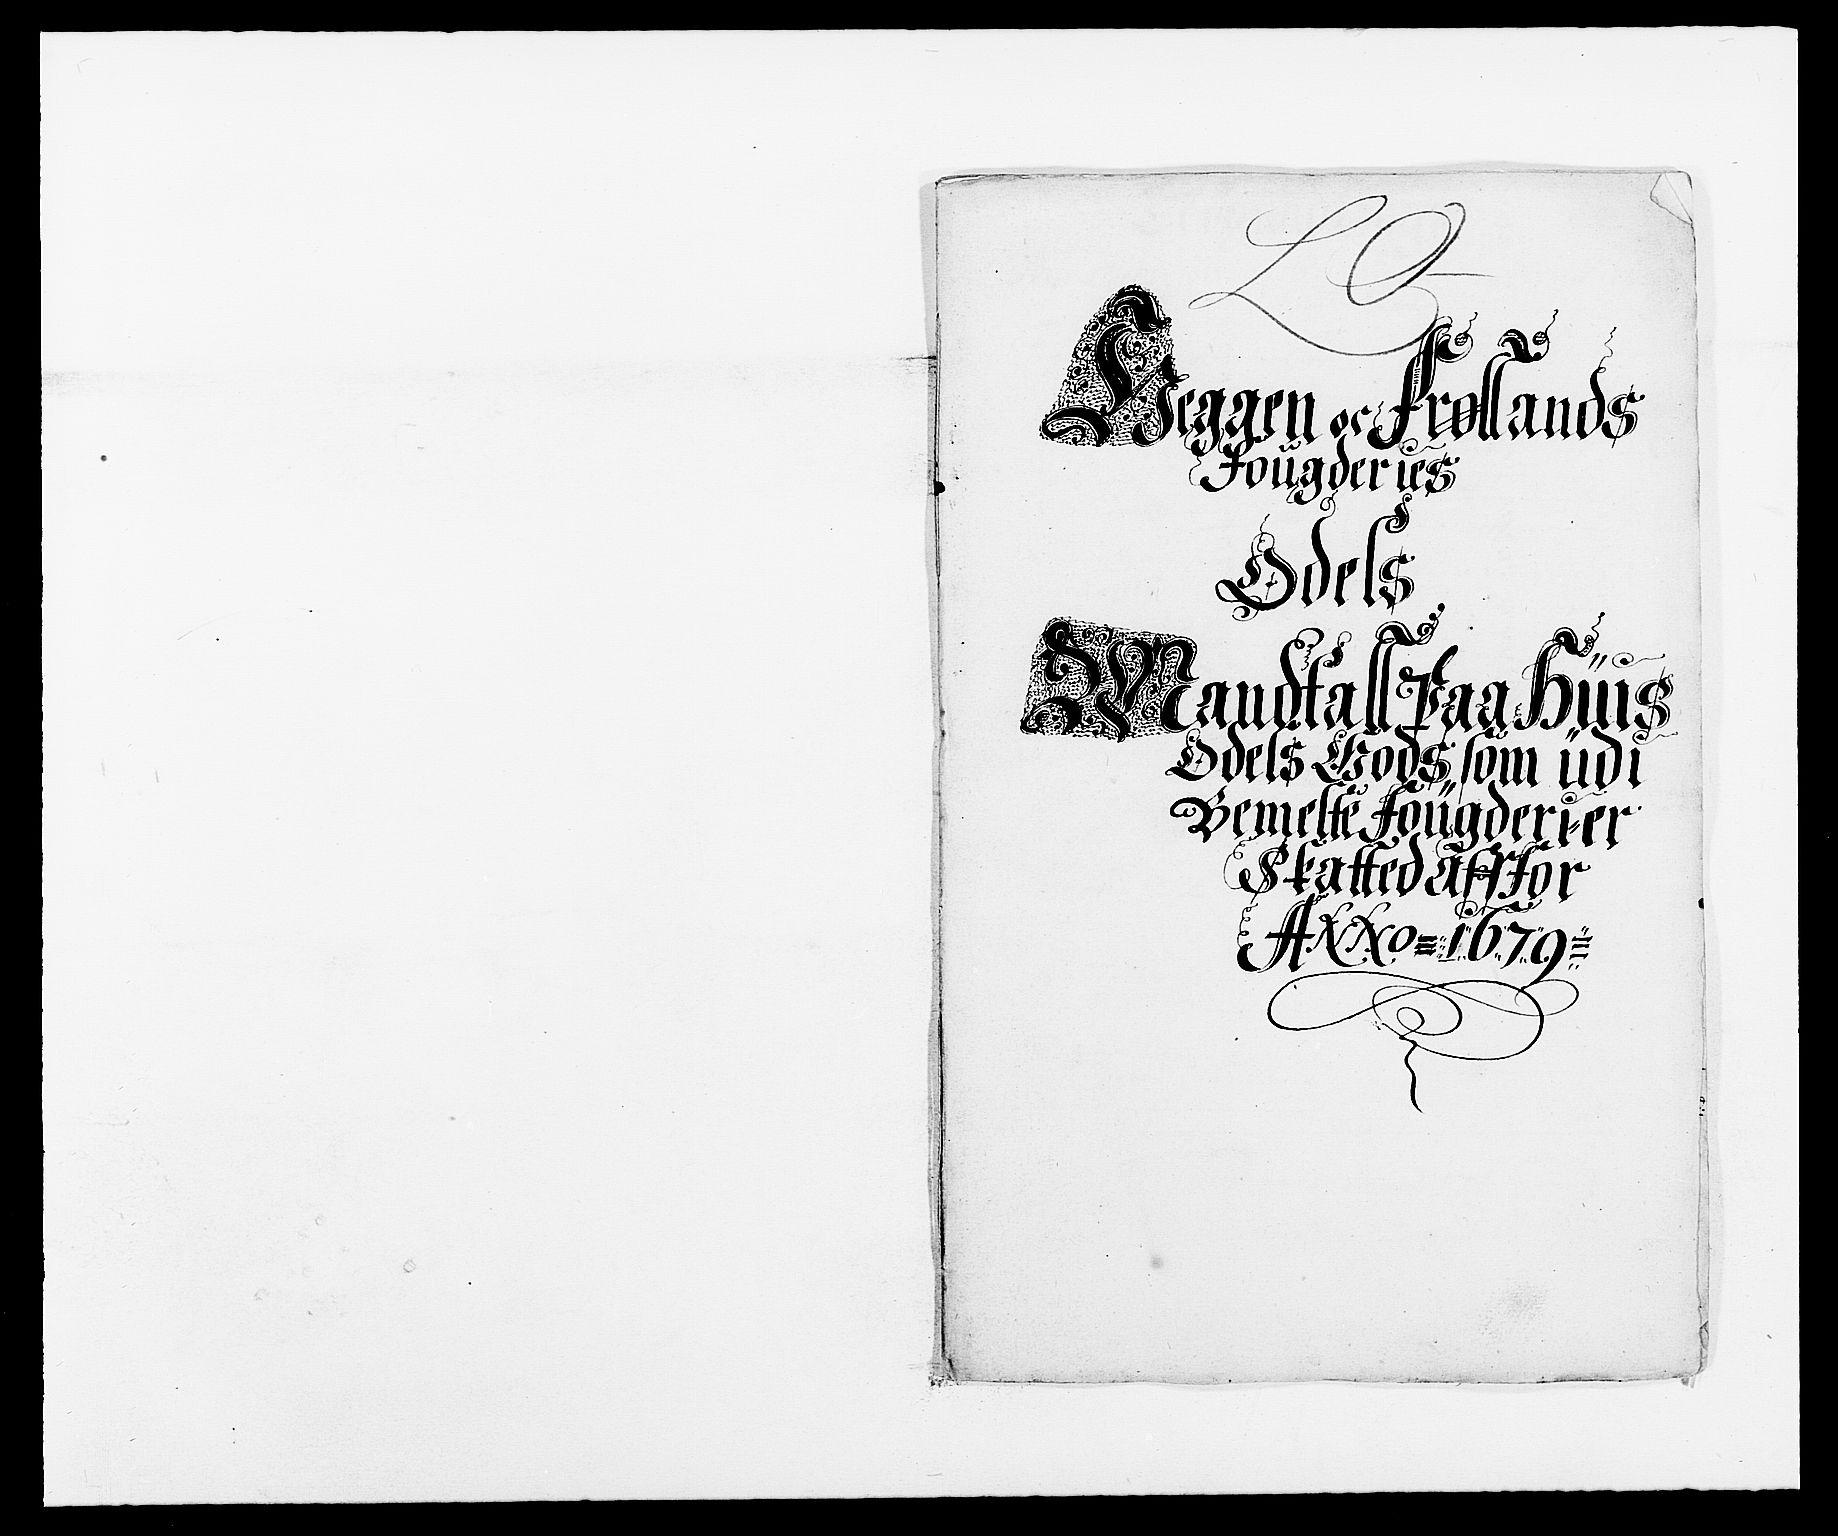 RA, Rentekammeret inntil 1814, Reviderte regnskaper, Fogderegnskap, R06/L0279: Fogderegnskap Heggen og Frøland, 1678-1680, s. 312